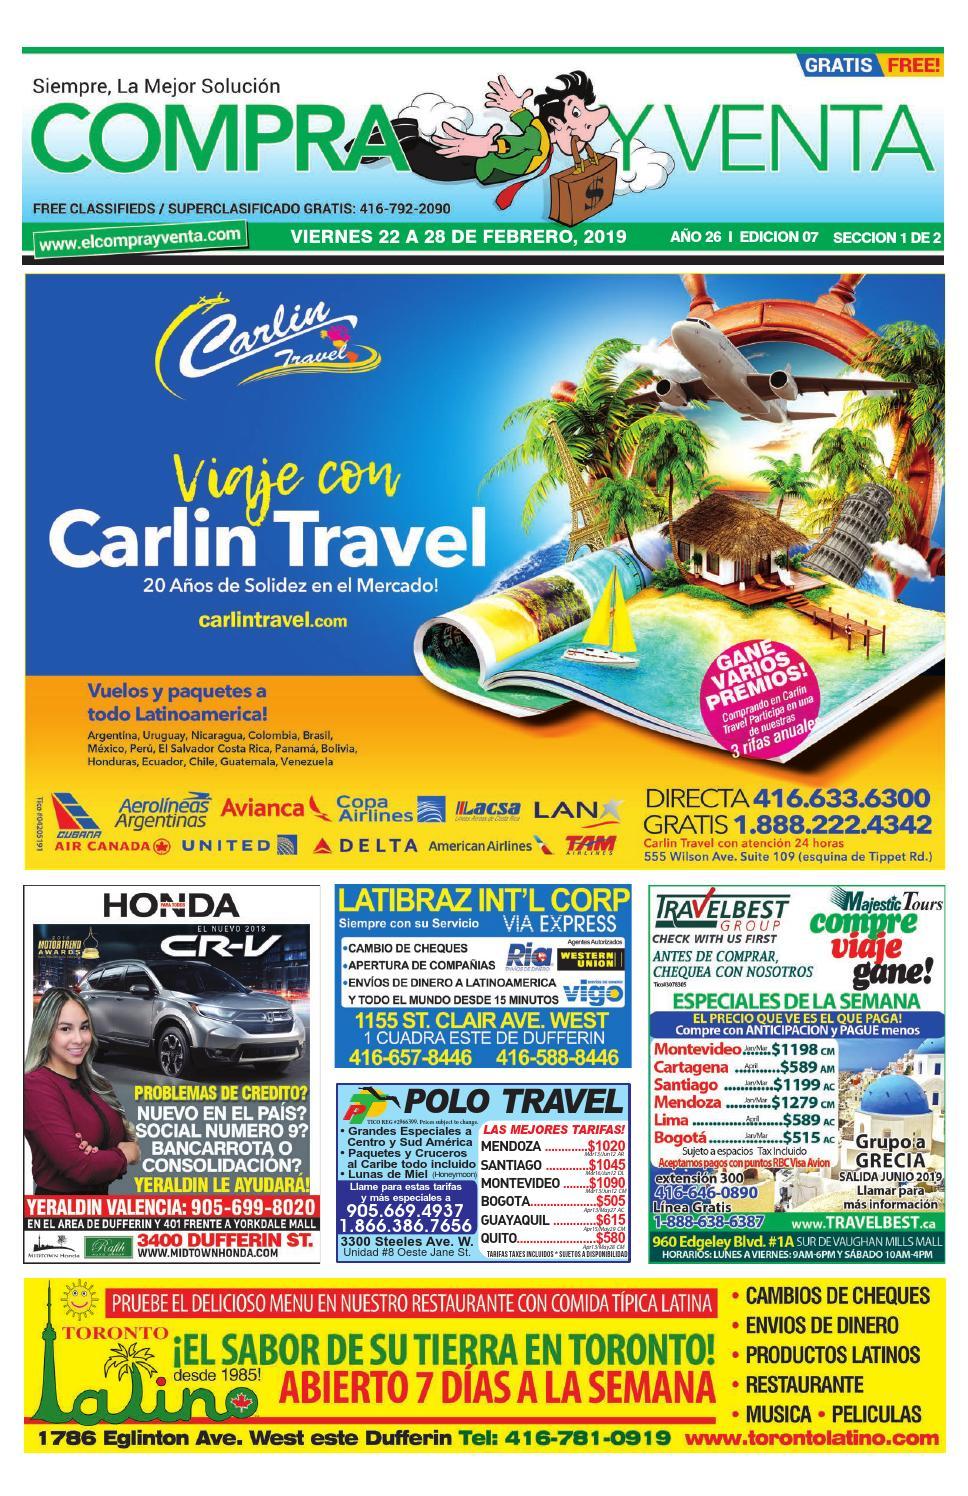 Compra y Venta Edicion #07. 2019 by elcomprayventa issuu